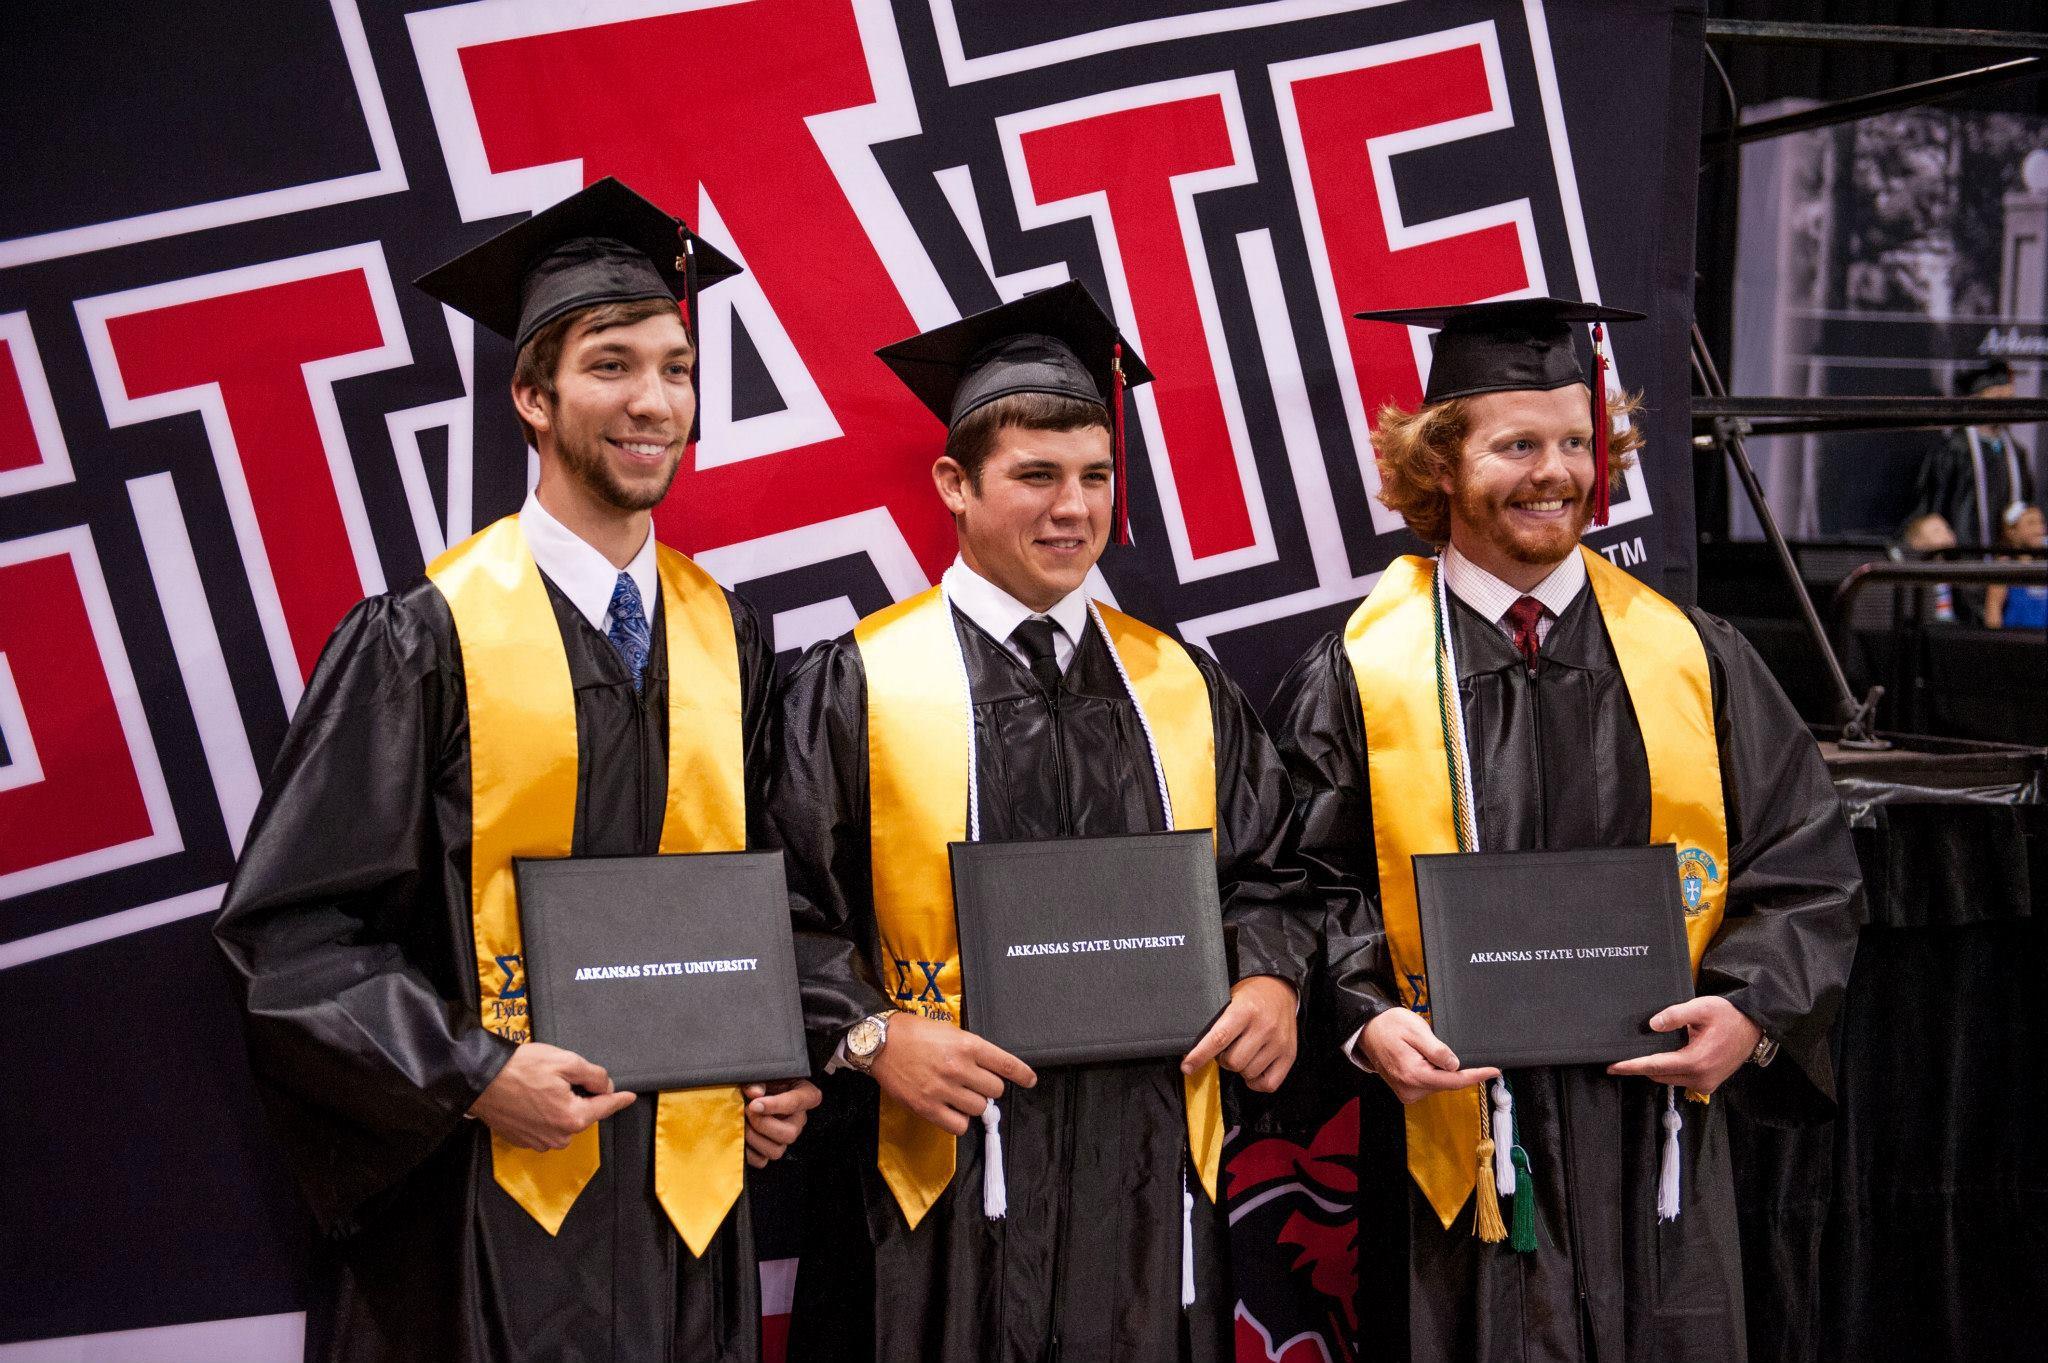 Dịch vụ du học Mỹ chất lượng sẽ giúp bạn đi du học Mỹ thành công cao